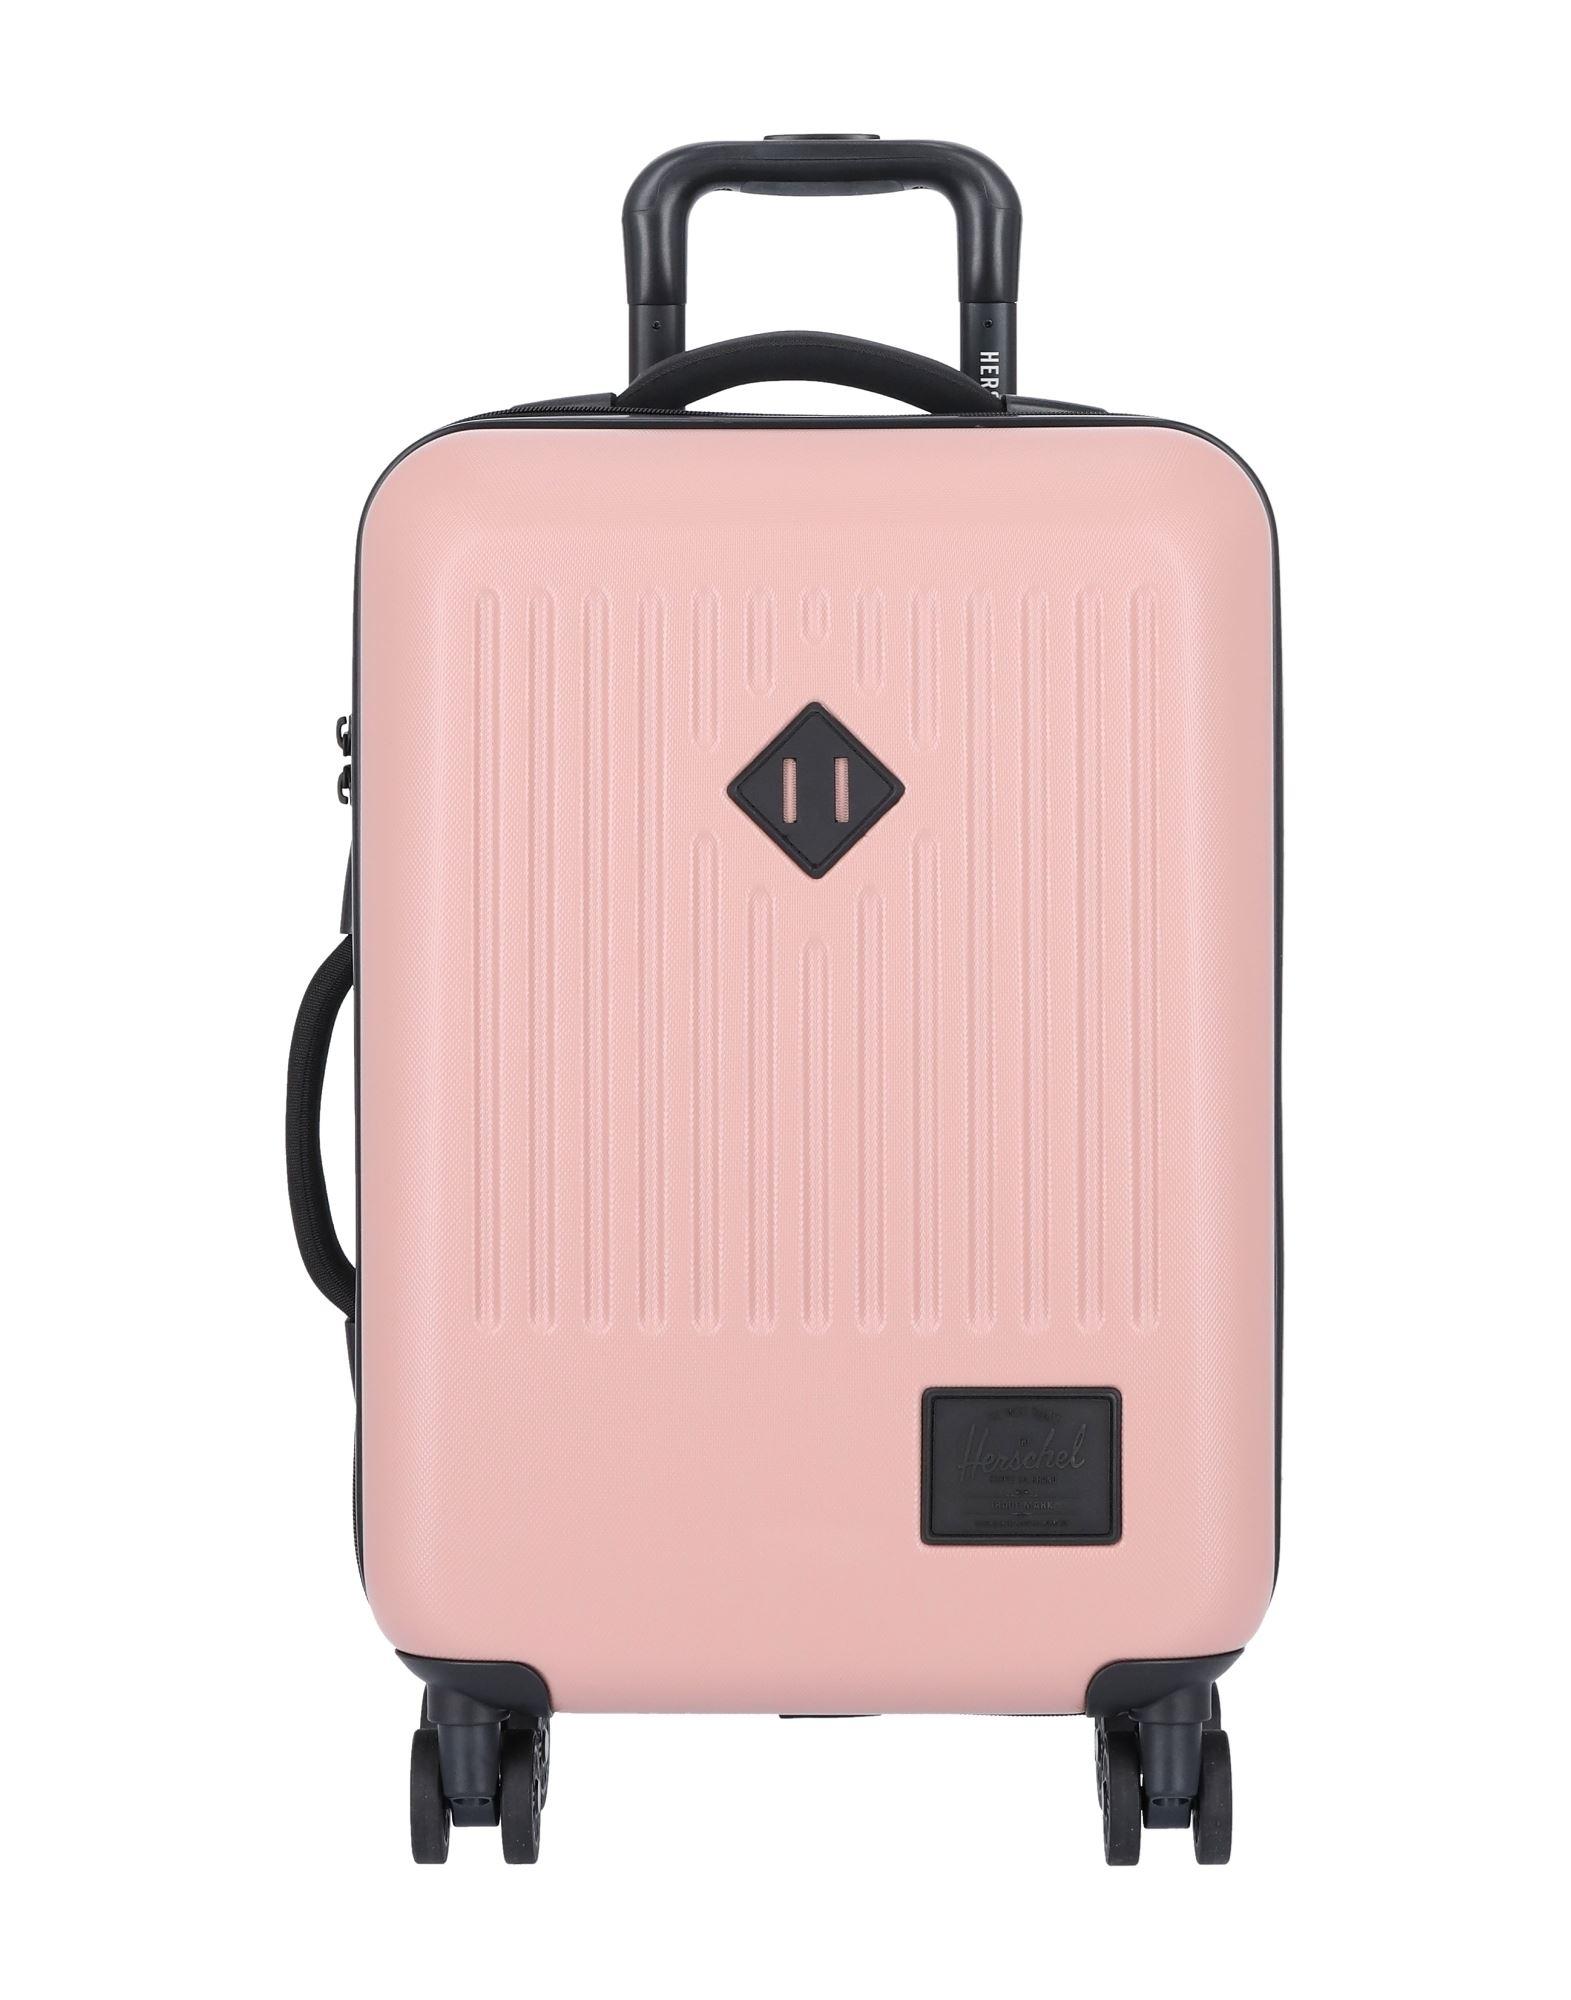 《セール開催中》HERSCHEL SUPPLY CO. レディース キャスター付きバッグ ピンク ポリカーボネート / ABS樹脂